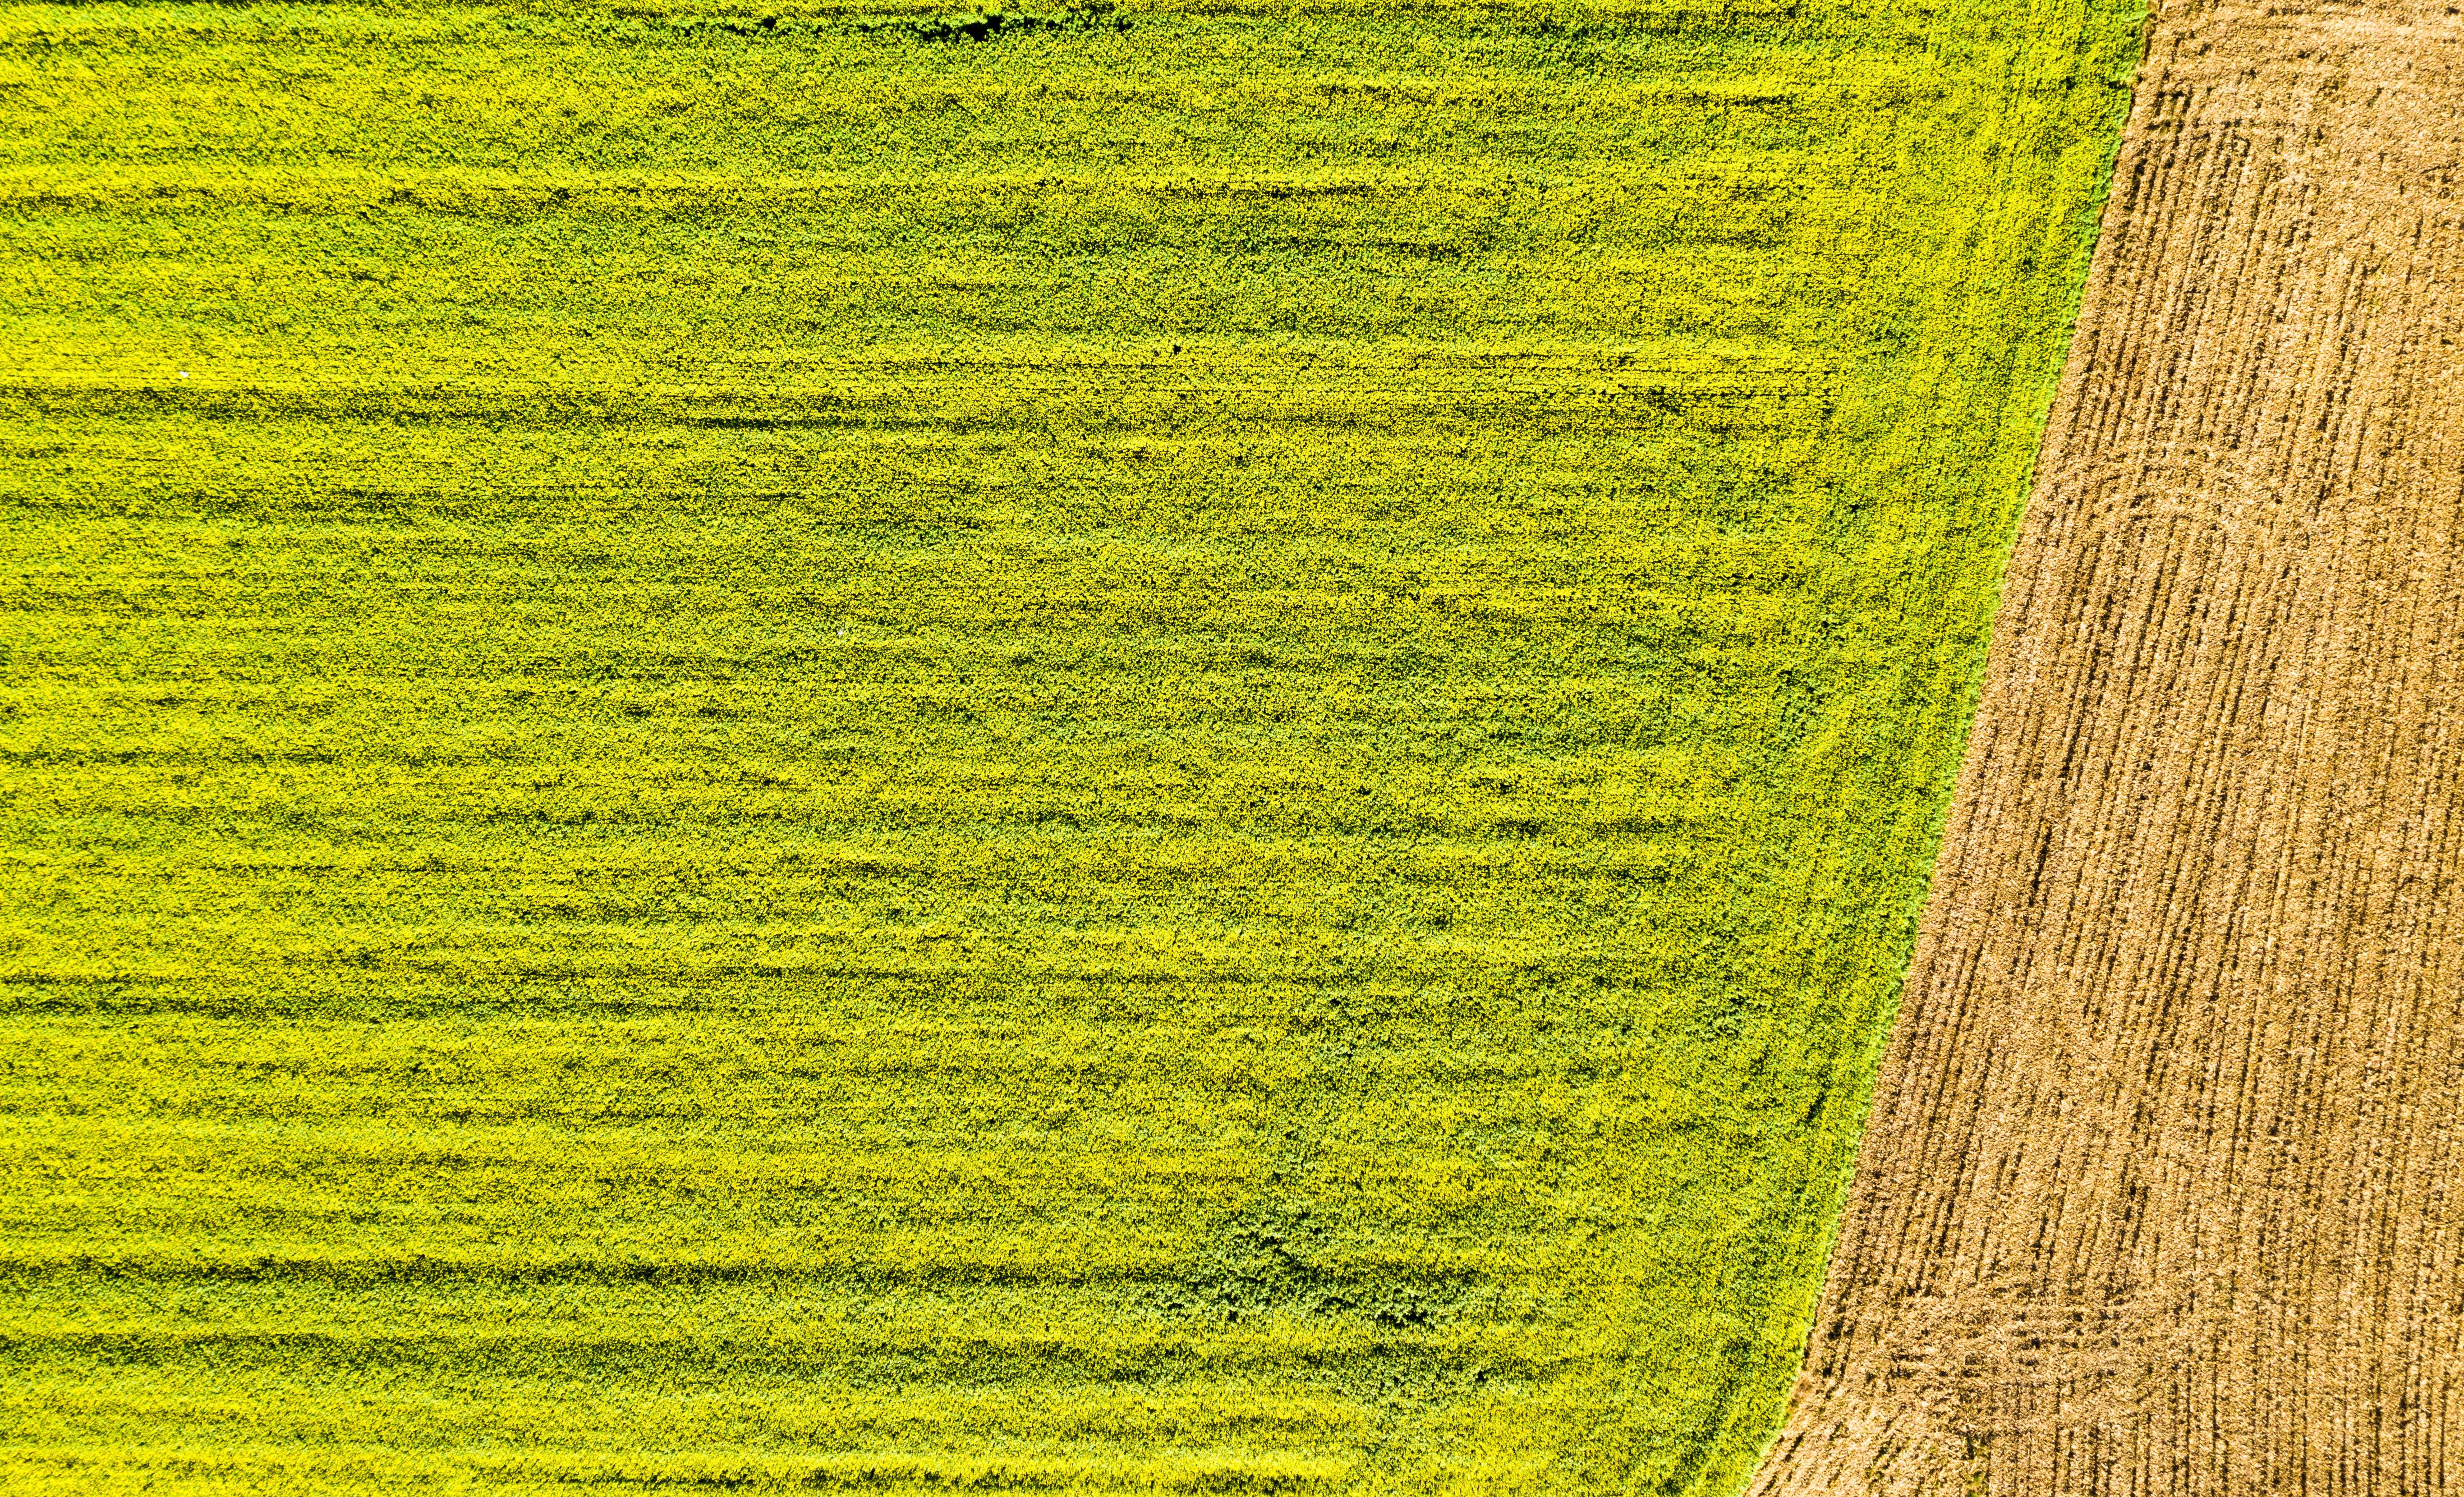 Δωρεάν στοκ φωτογραφιών με αγρότης, αεροφωτογράφιση, απλός, γήπεδο